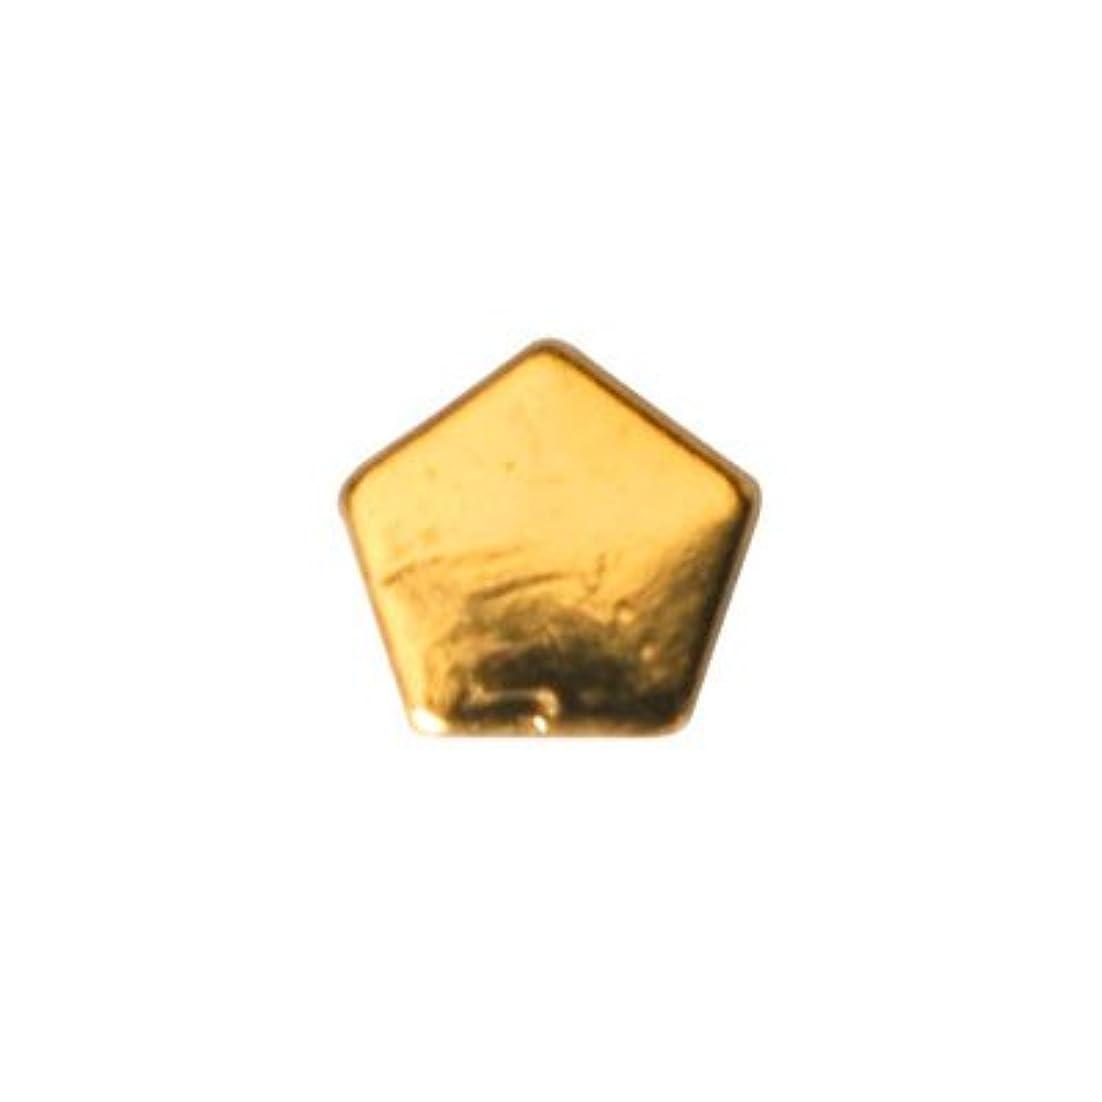 不屈親密な差し控えるピアドラ スタッズ ペンタゴン 3mm 50P ゴールド